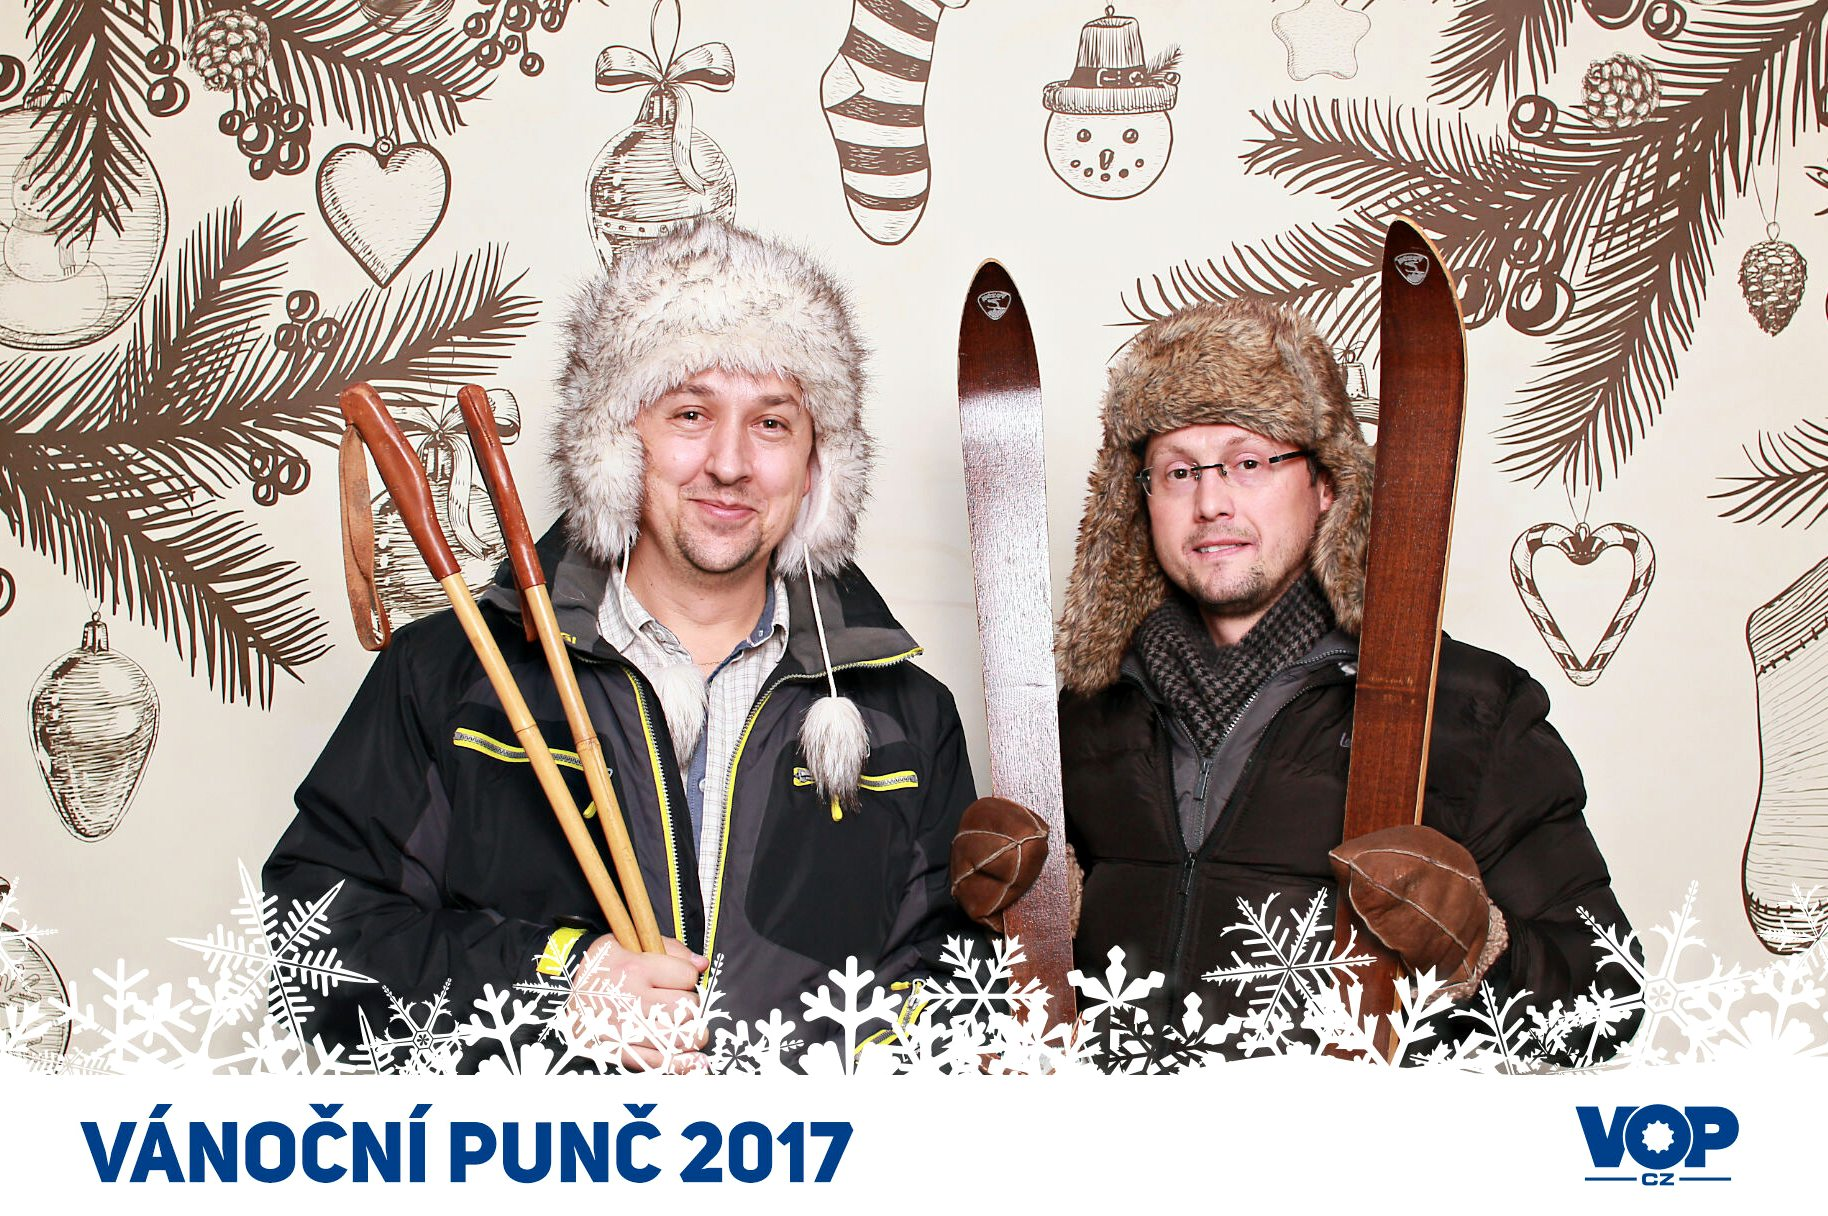 fotokoutek-vop-8-12-2017-358279